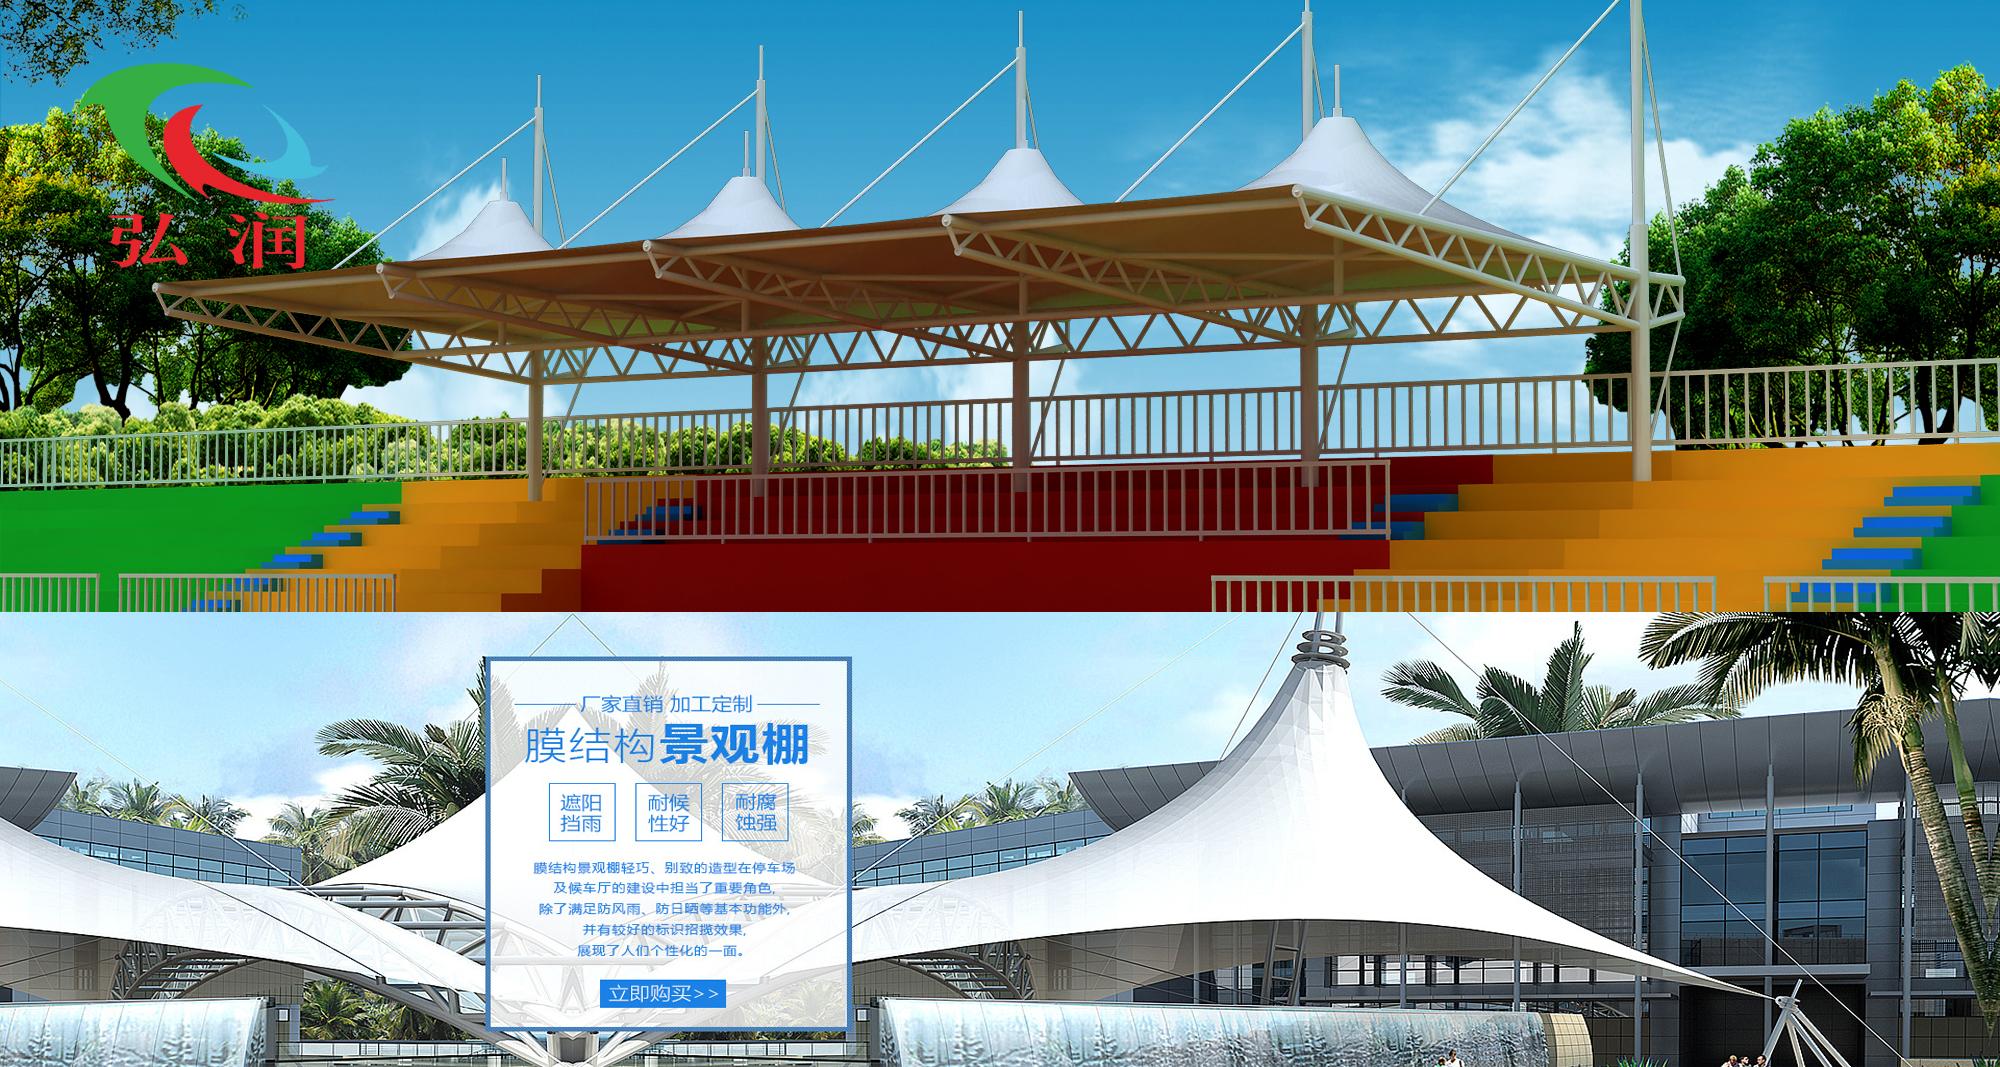 无锡车棚膜结构自行停车棚体育看台膜结构